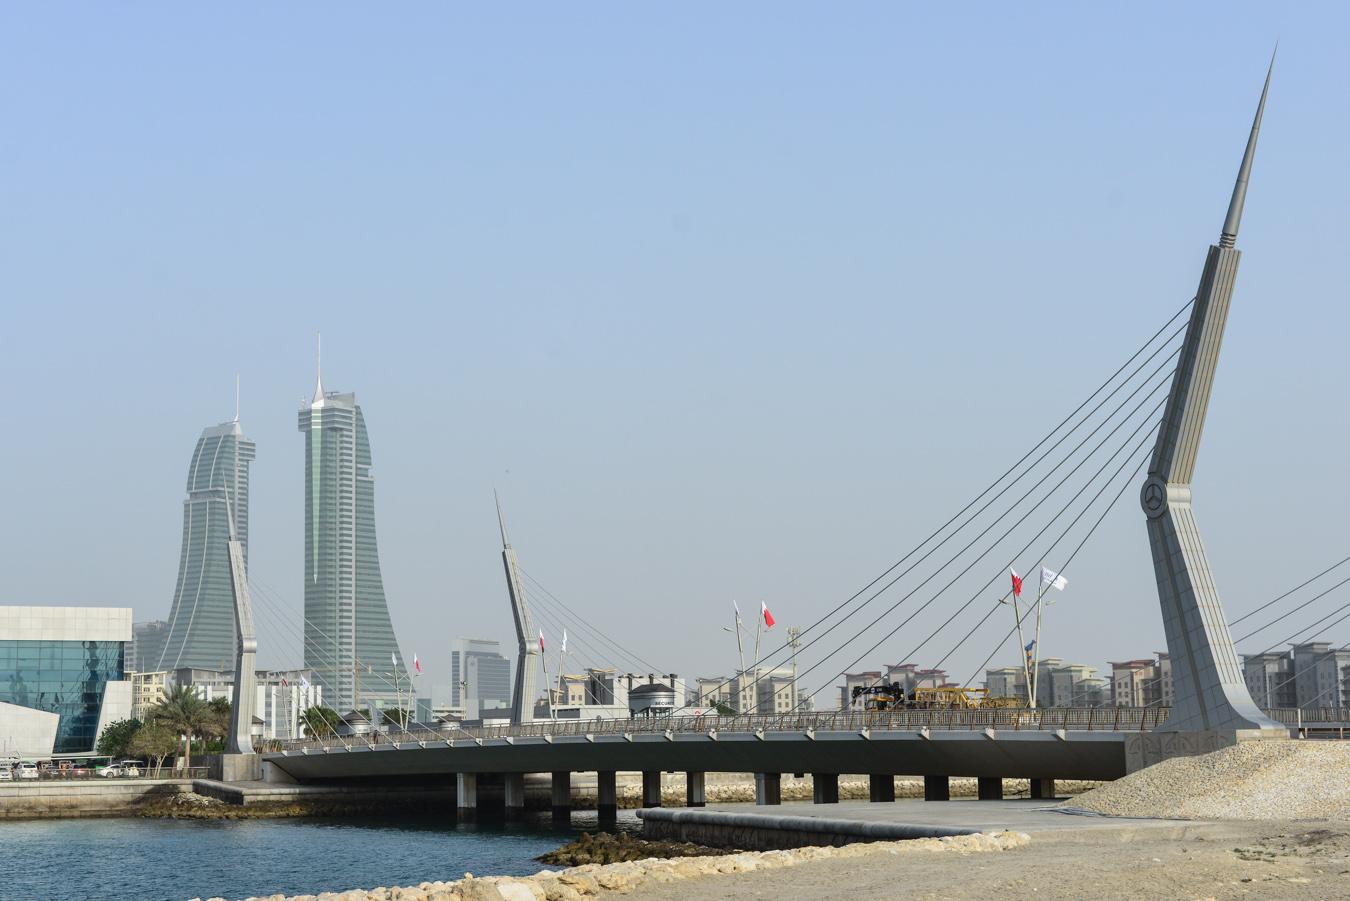 A bridge in Bahrain